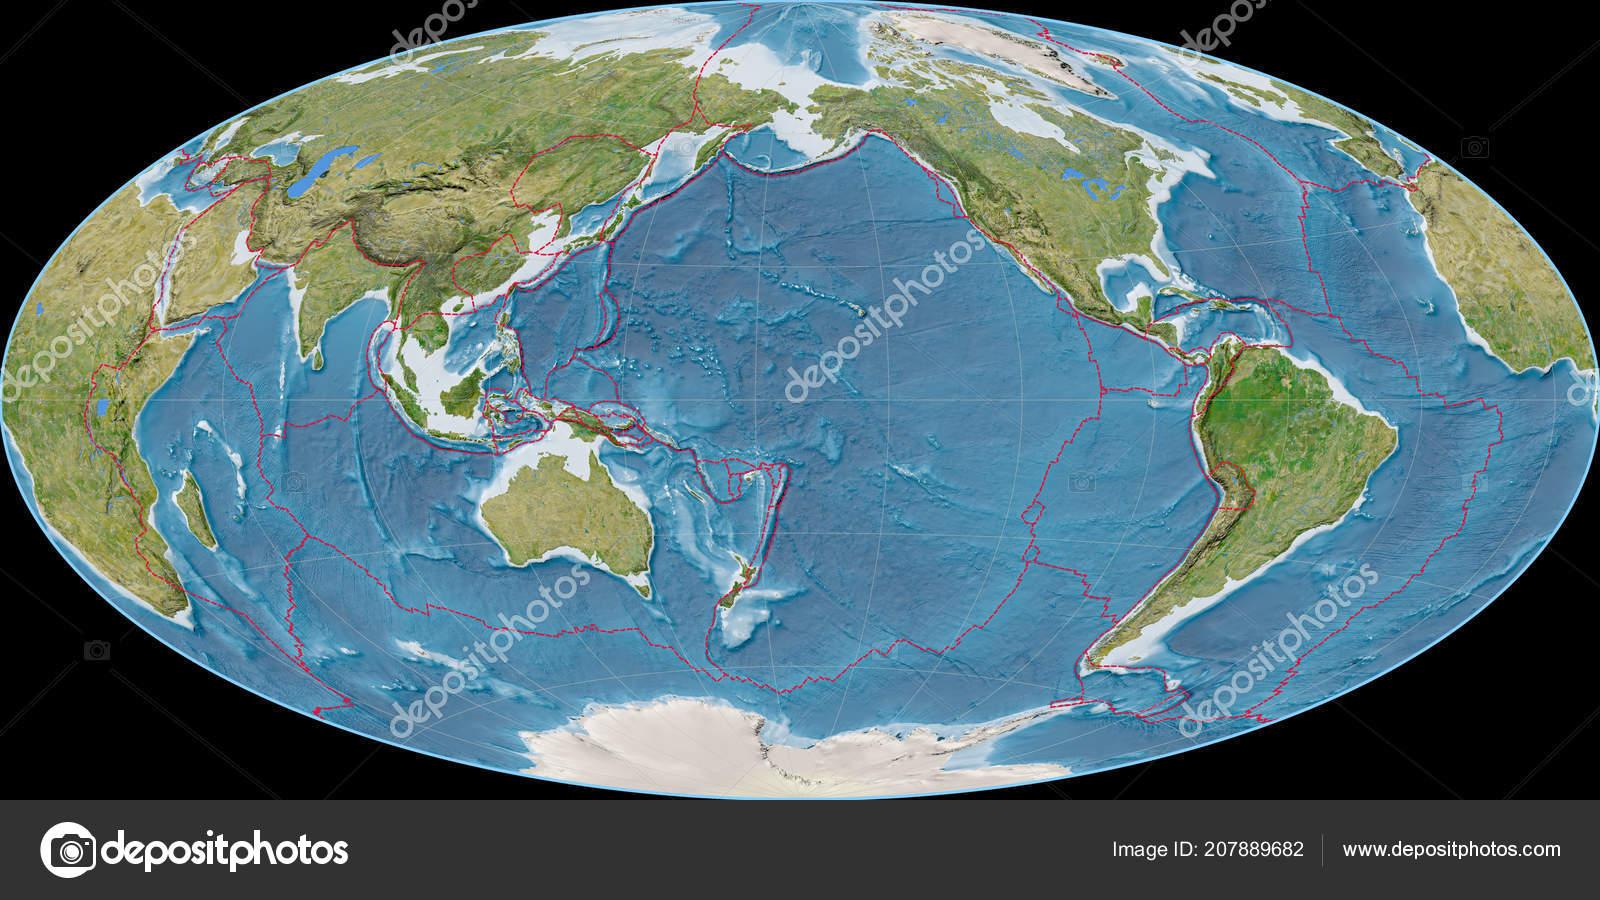 World Map Aitoff Projection Centered 170 West Longitude Satellite